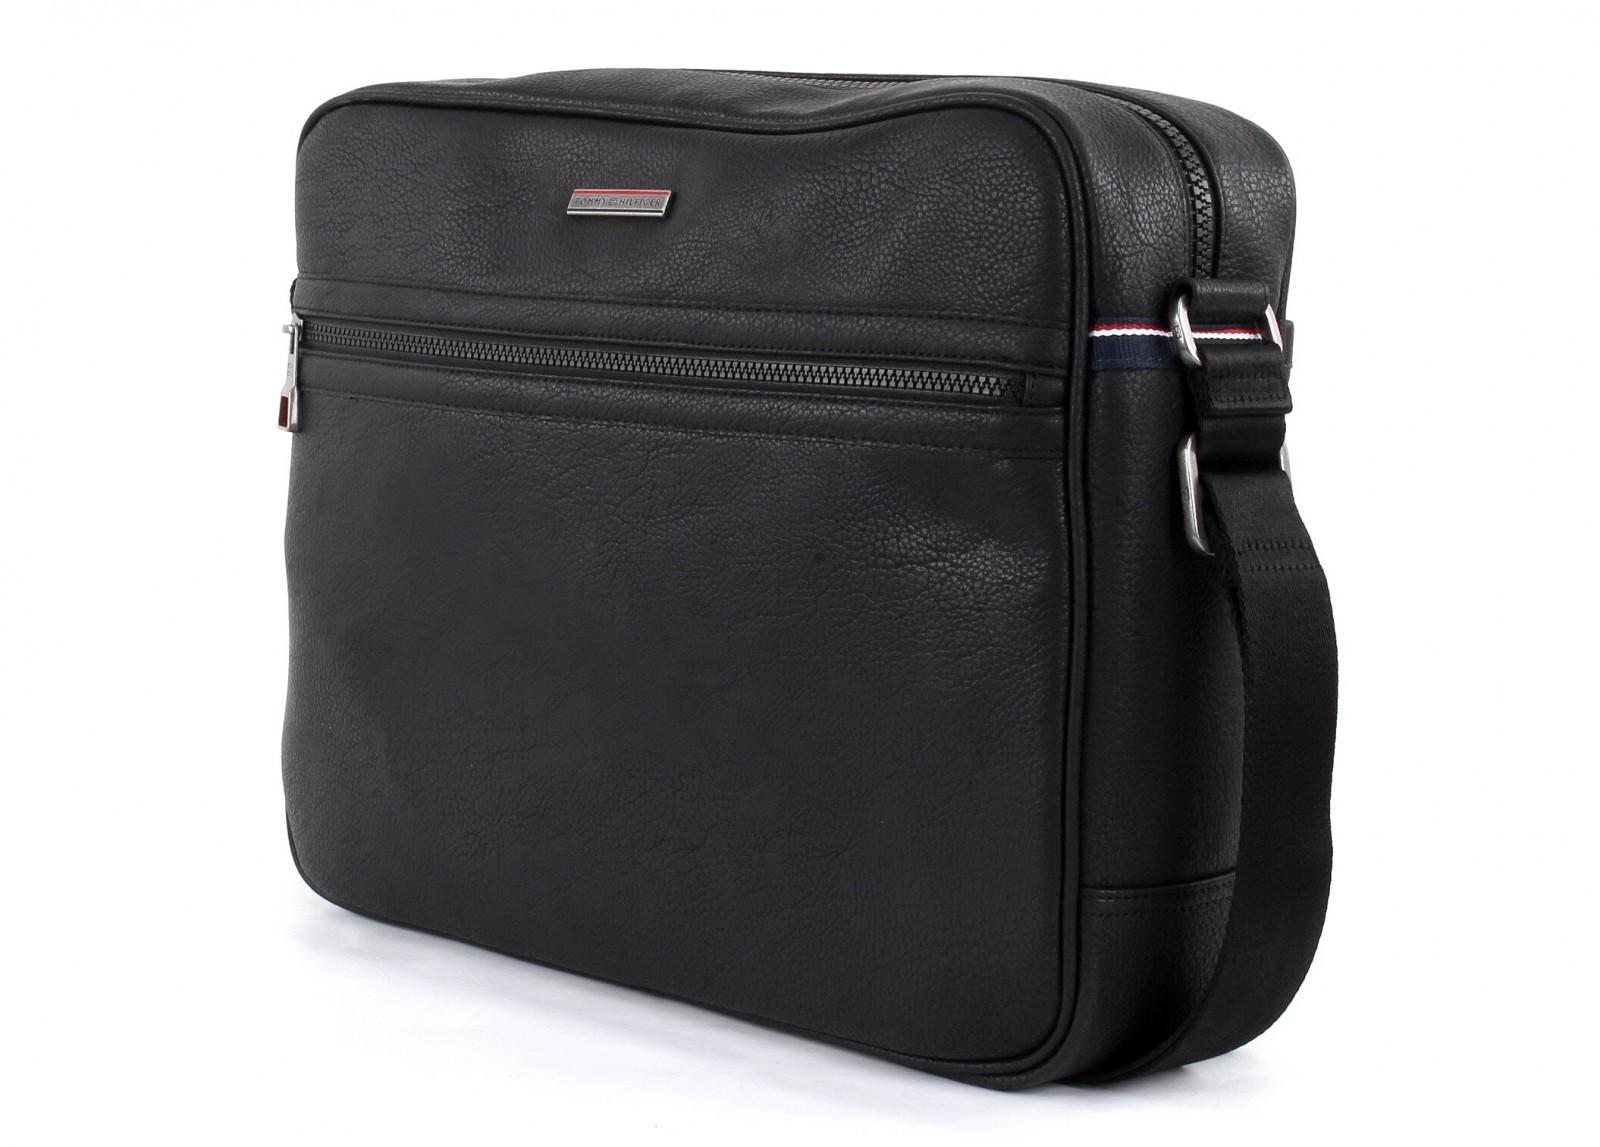 tommy hilfiger cross body bag essential messenger black ebay. Black Bedroom Furniture Sets. Home Design Ideas